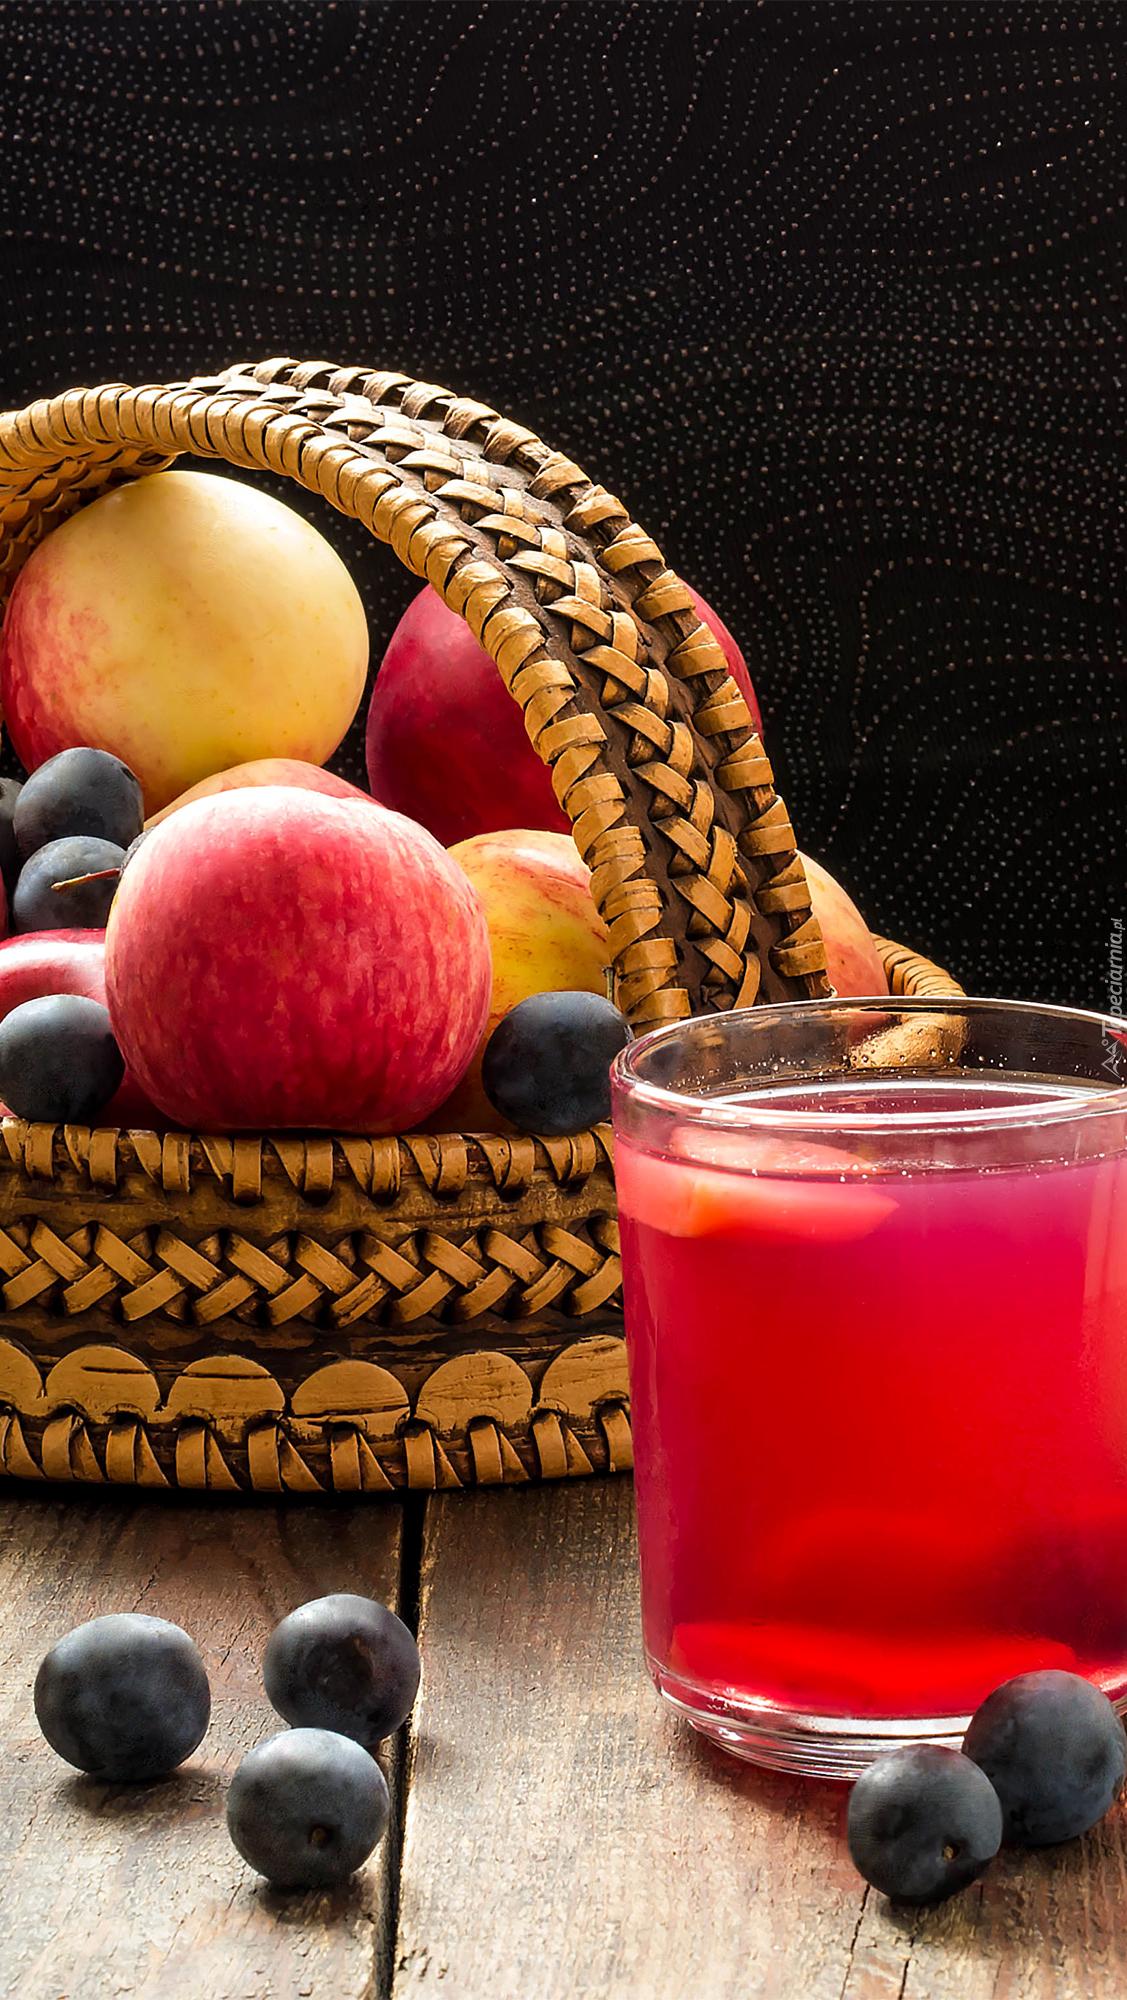 Szklanka kompotu obok kosza z owocami